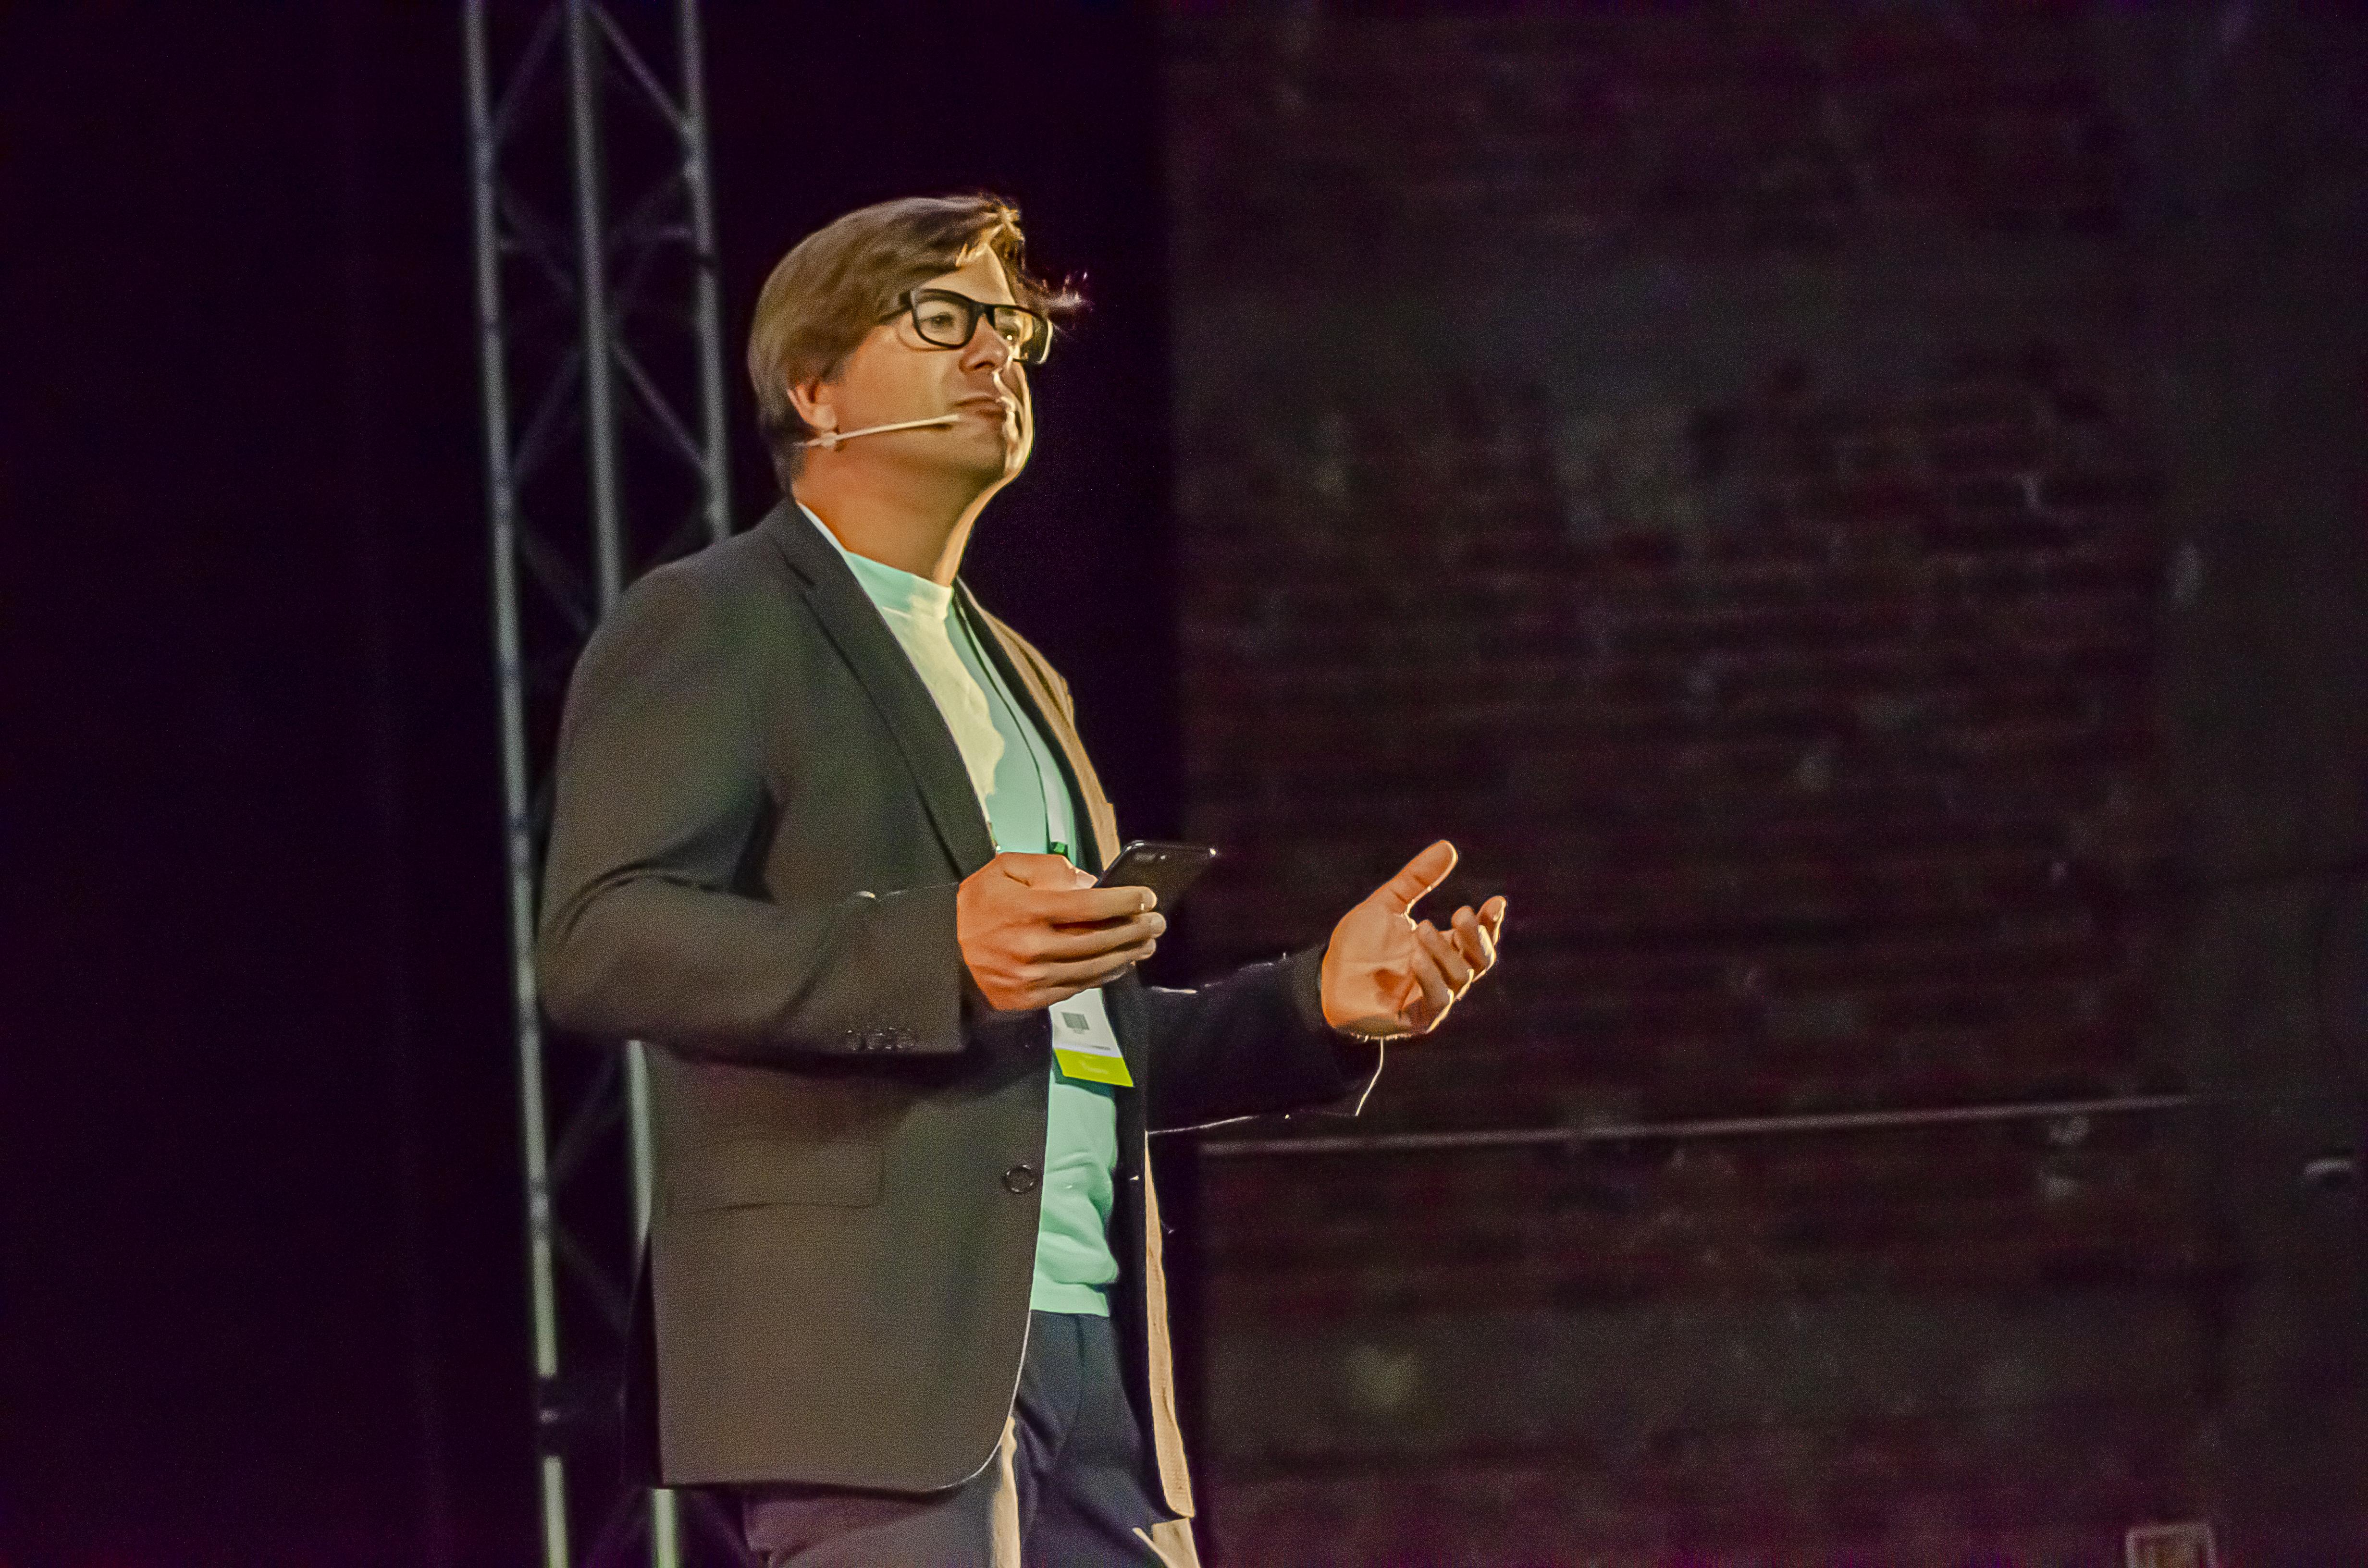 Fermín Bueno, Co-Founder & Managing Partner of Finnovista